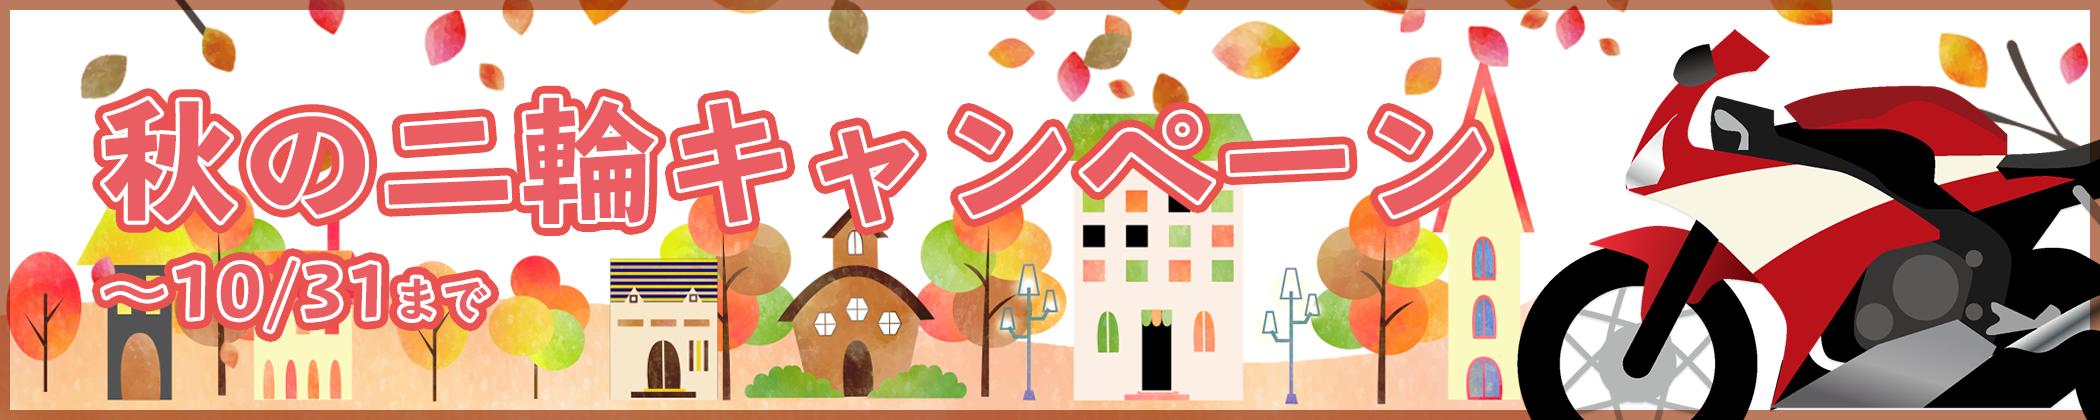 秋の二輪キャンペーン実施中!